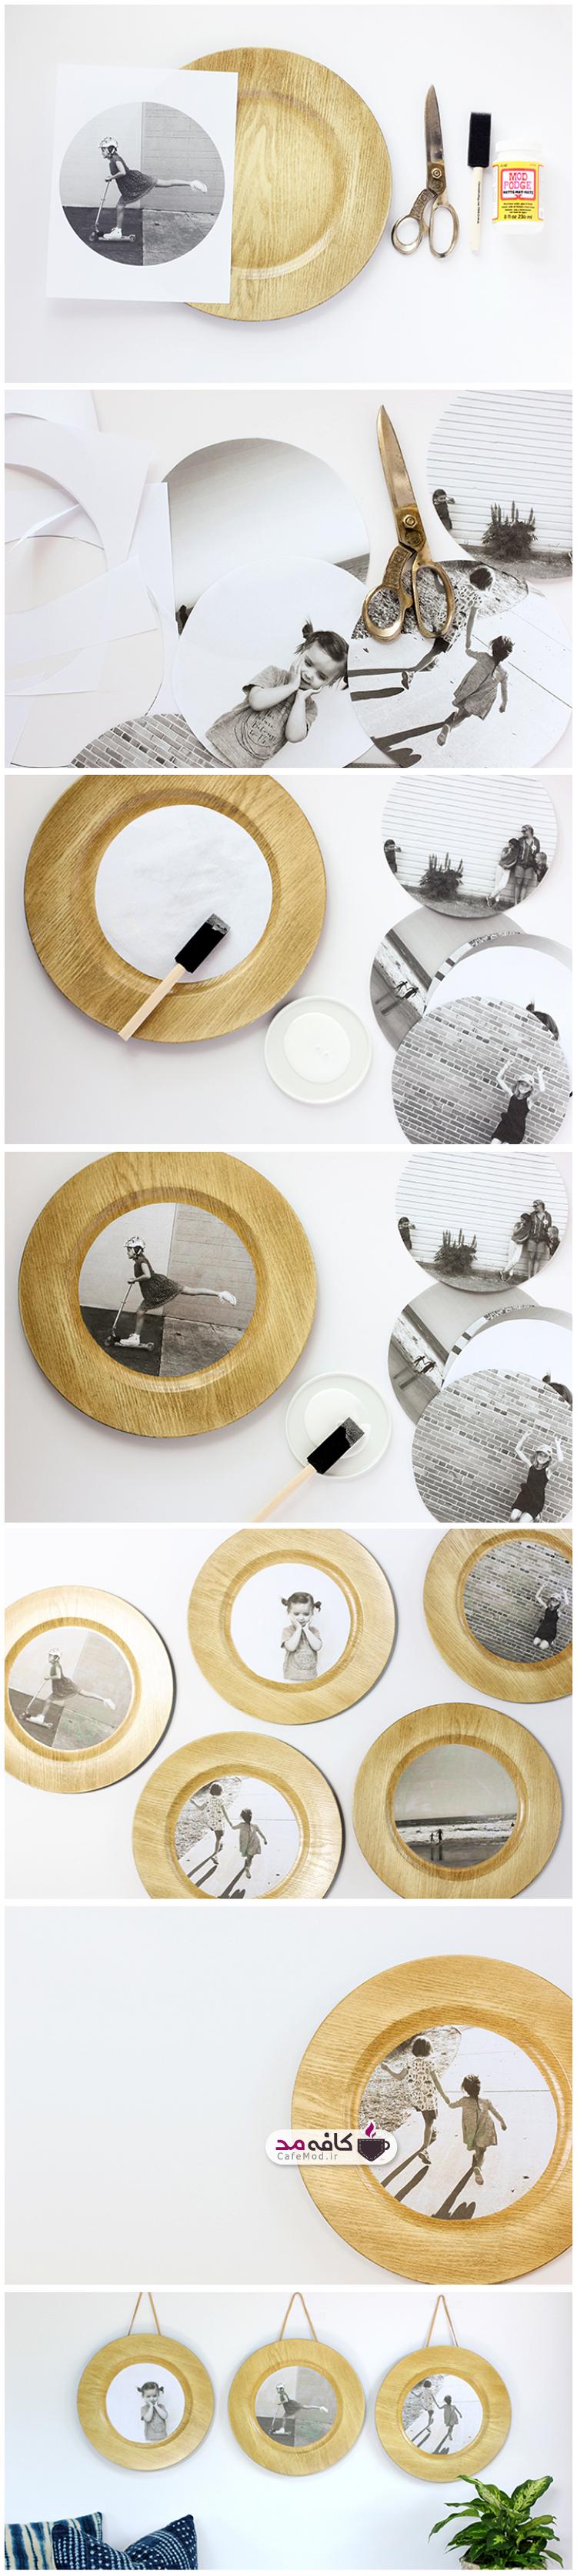 آموزش درست کردن قاب عکس چوبی